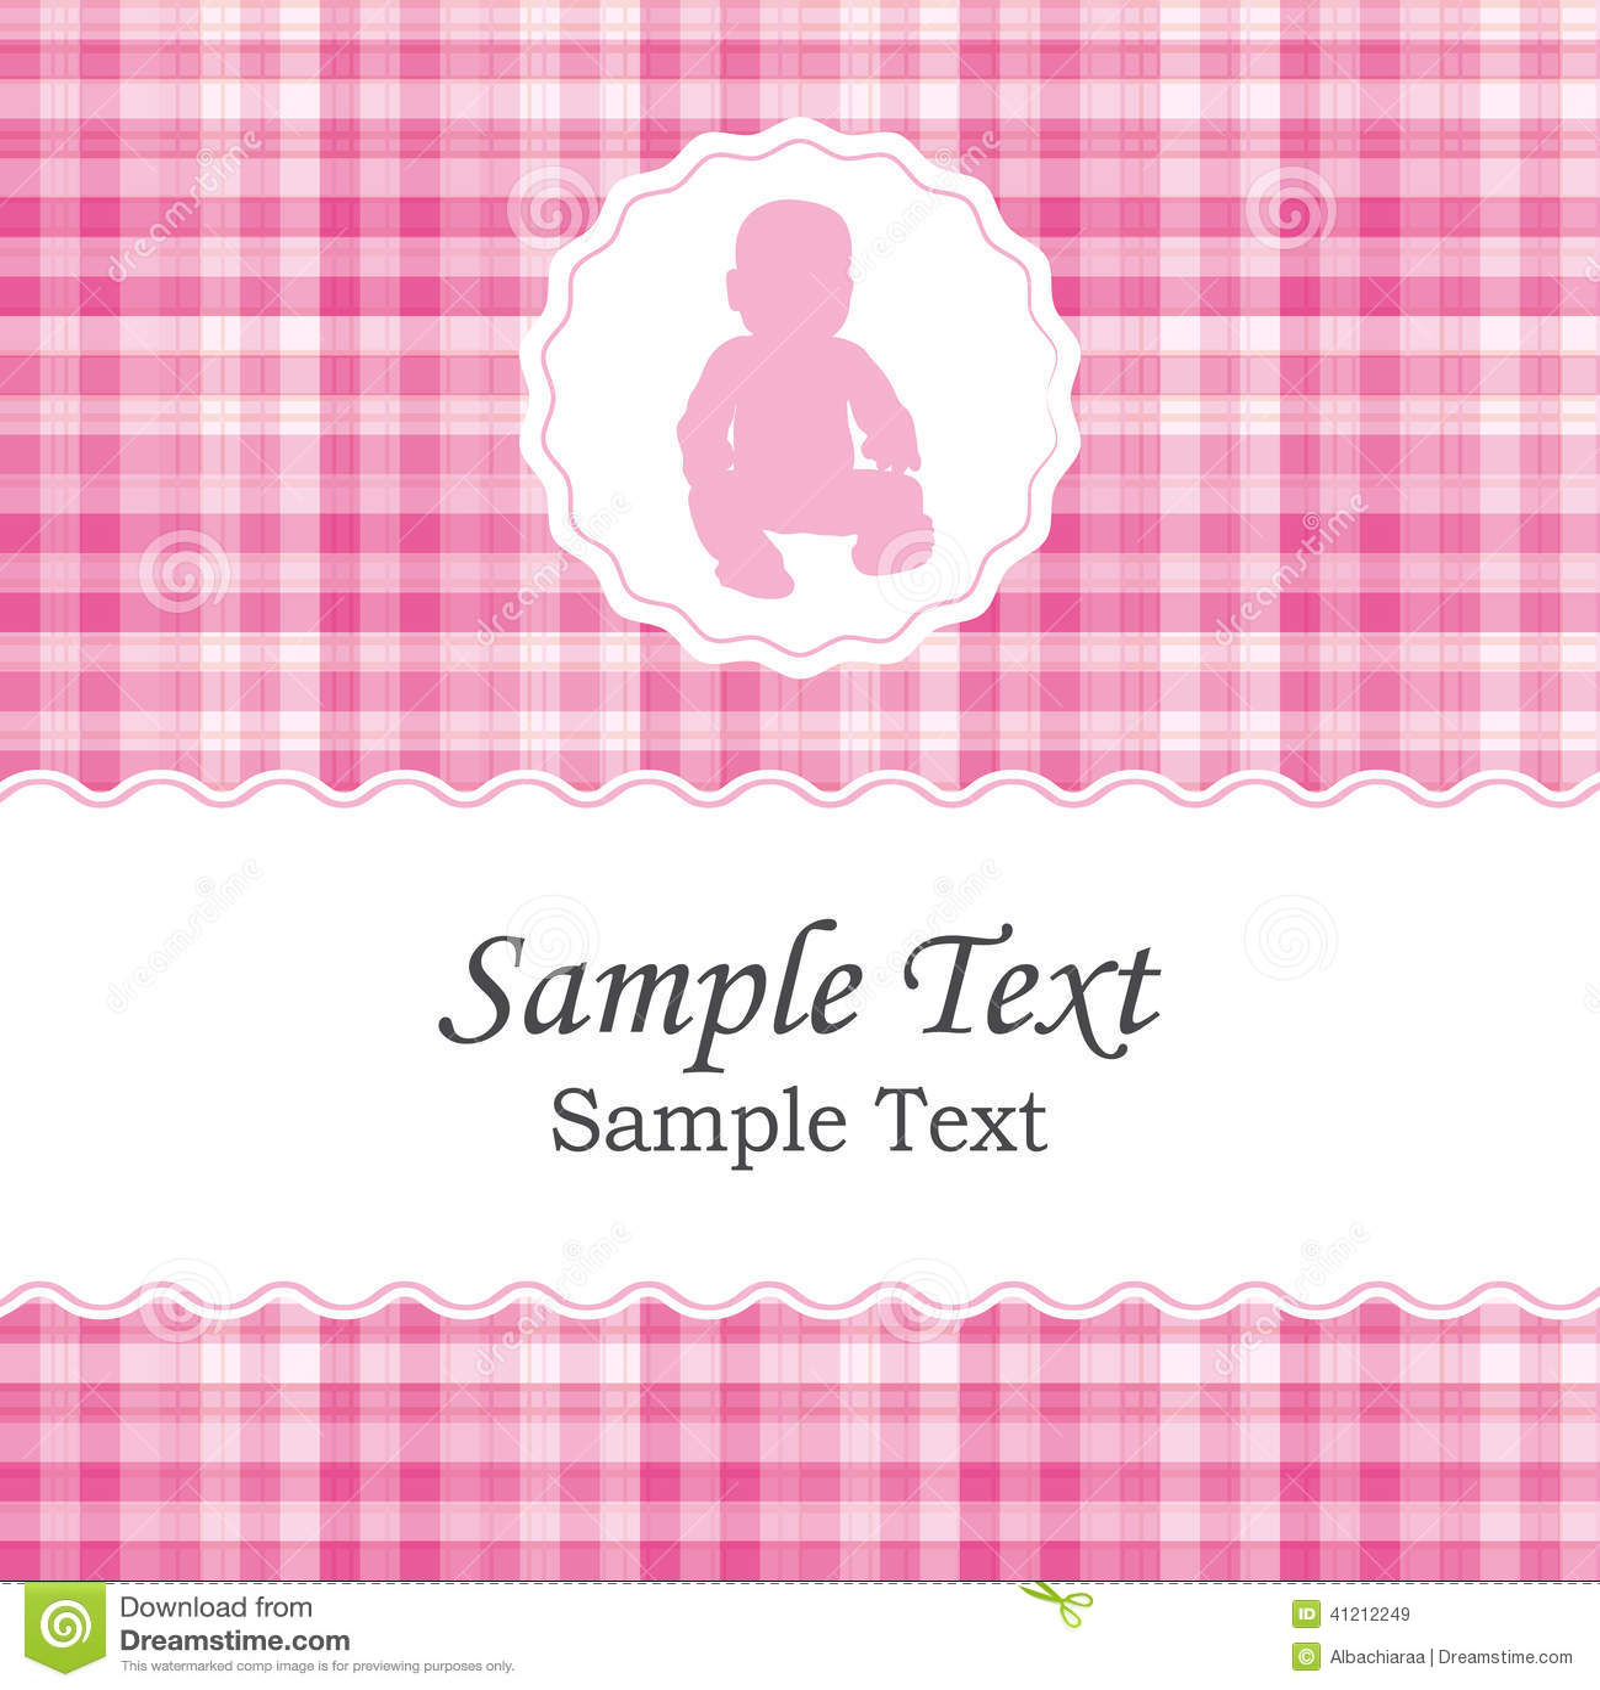 Blank Monkey Baby Shower Invitations Blank baby shower invitation